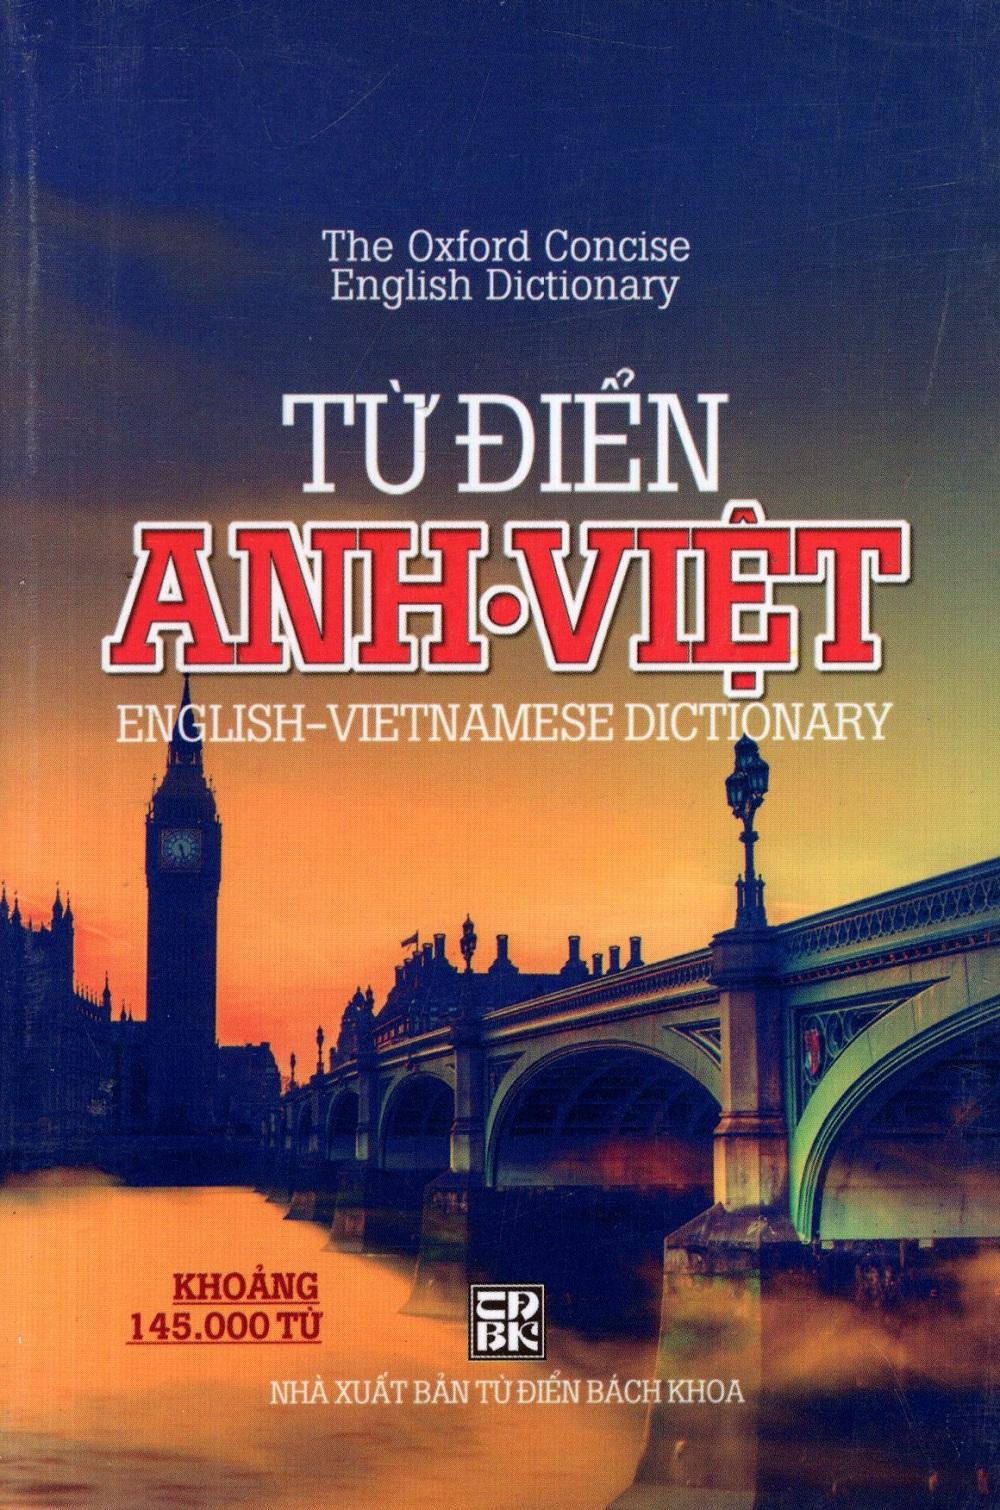 Bìa sách Từ Điển Anh - Việt (Khoảng 145.000 Từ) (Minh Trí) - Sách Bỏ Túi